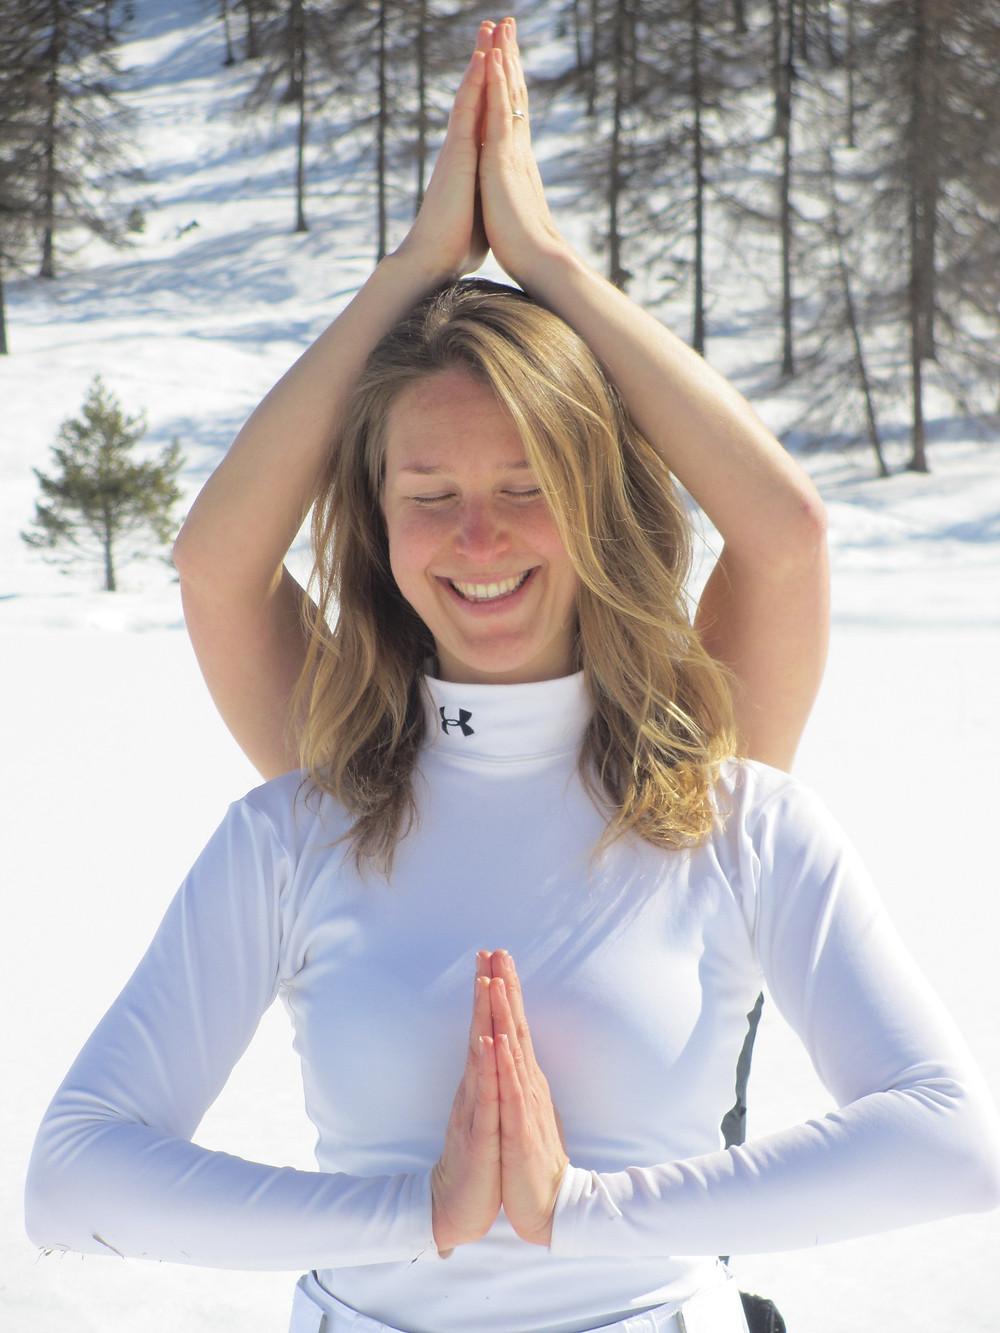 Gedachten op de ski's - Trix van Hest - FIT body & mind